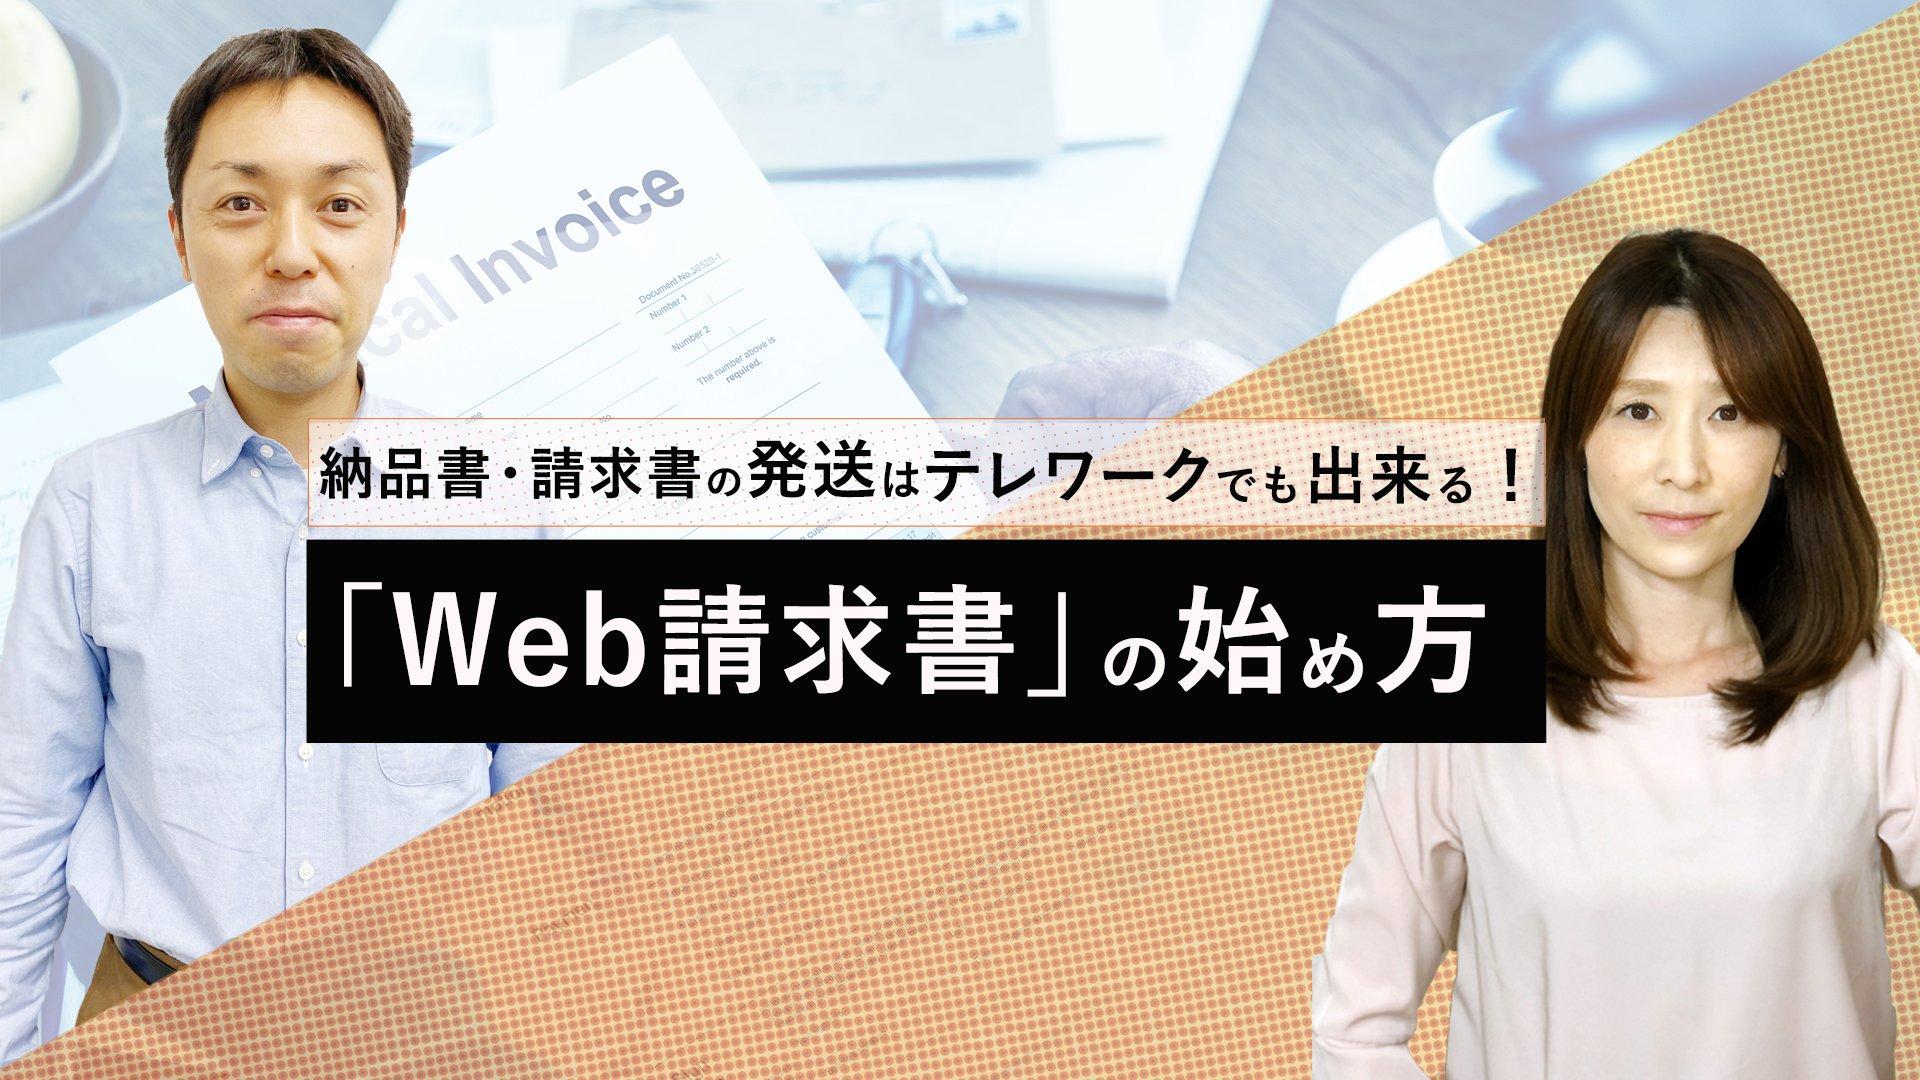 納品書・請求書の発送はテレワークでも出来る!「Web請求書」の始め方